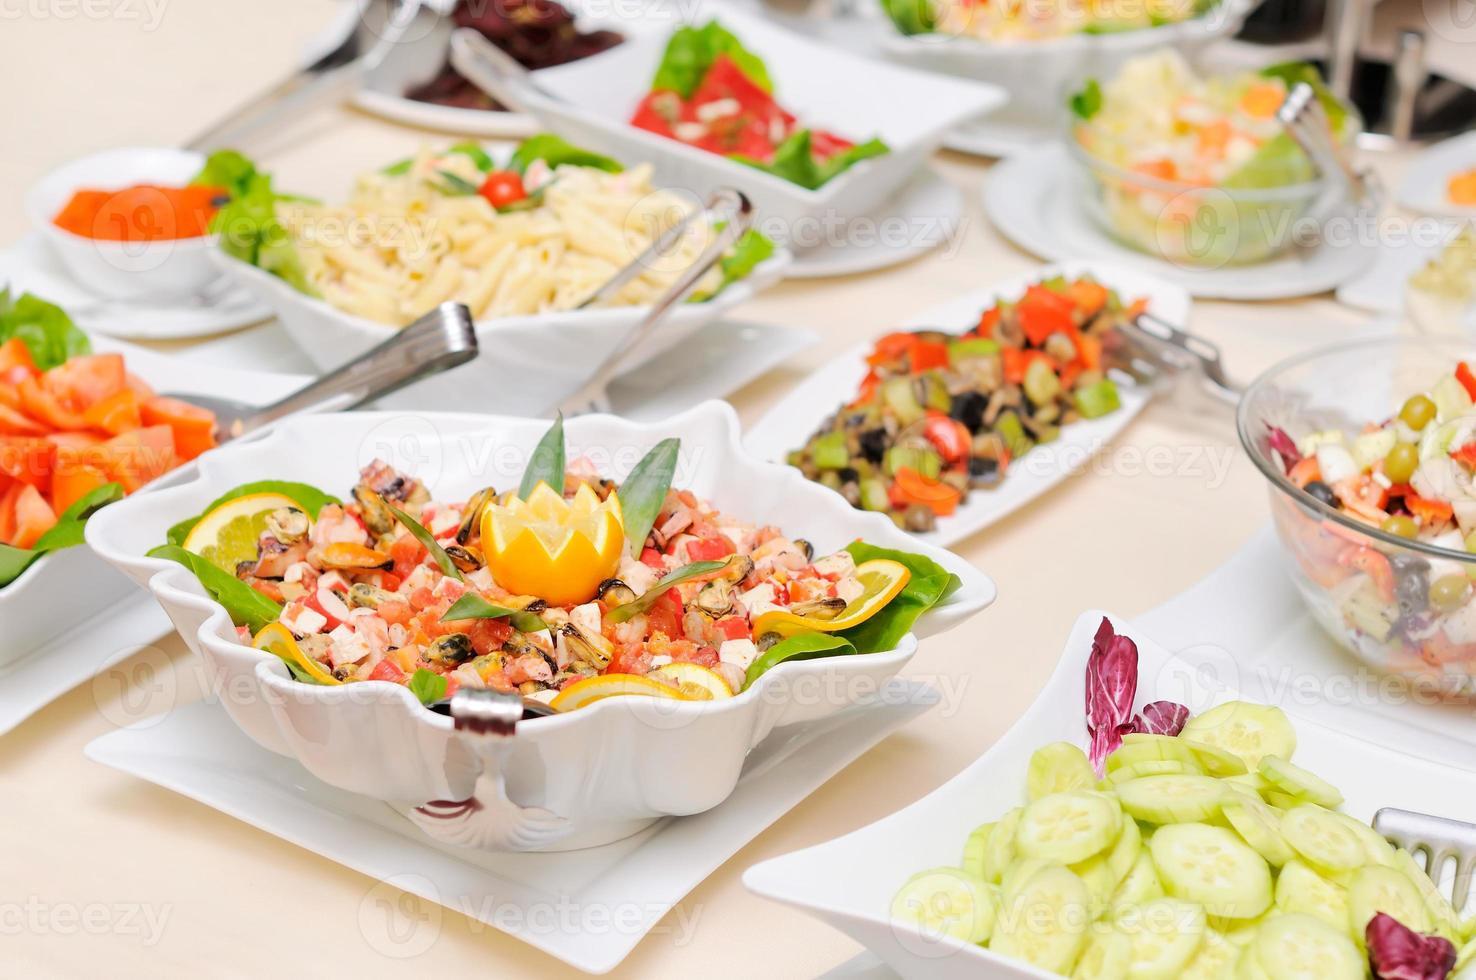 diversité de salades sur la table photo